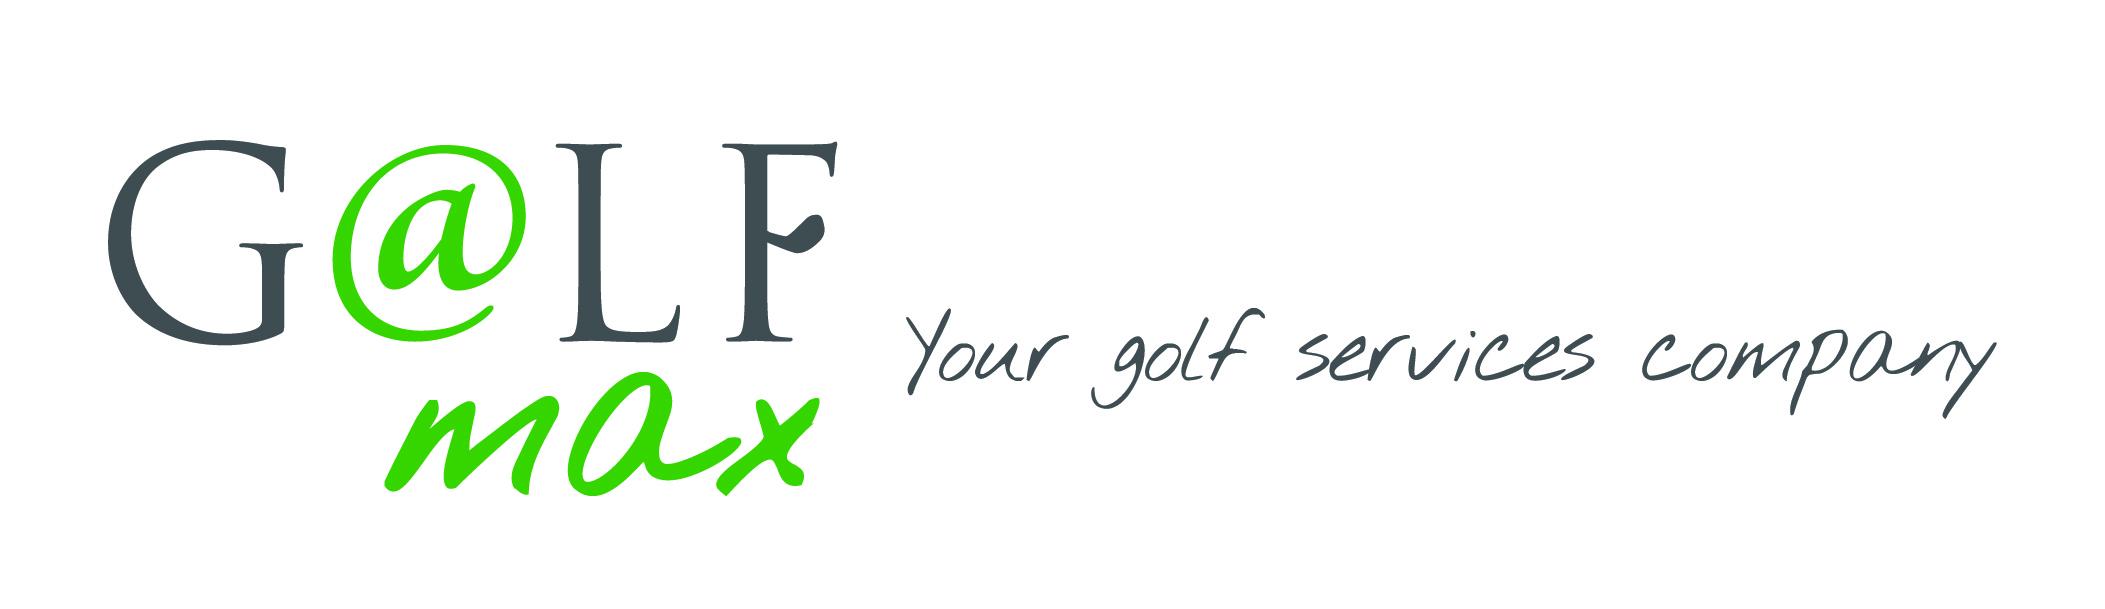 Golfamax